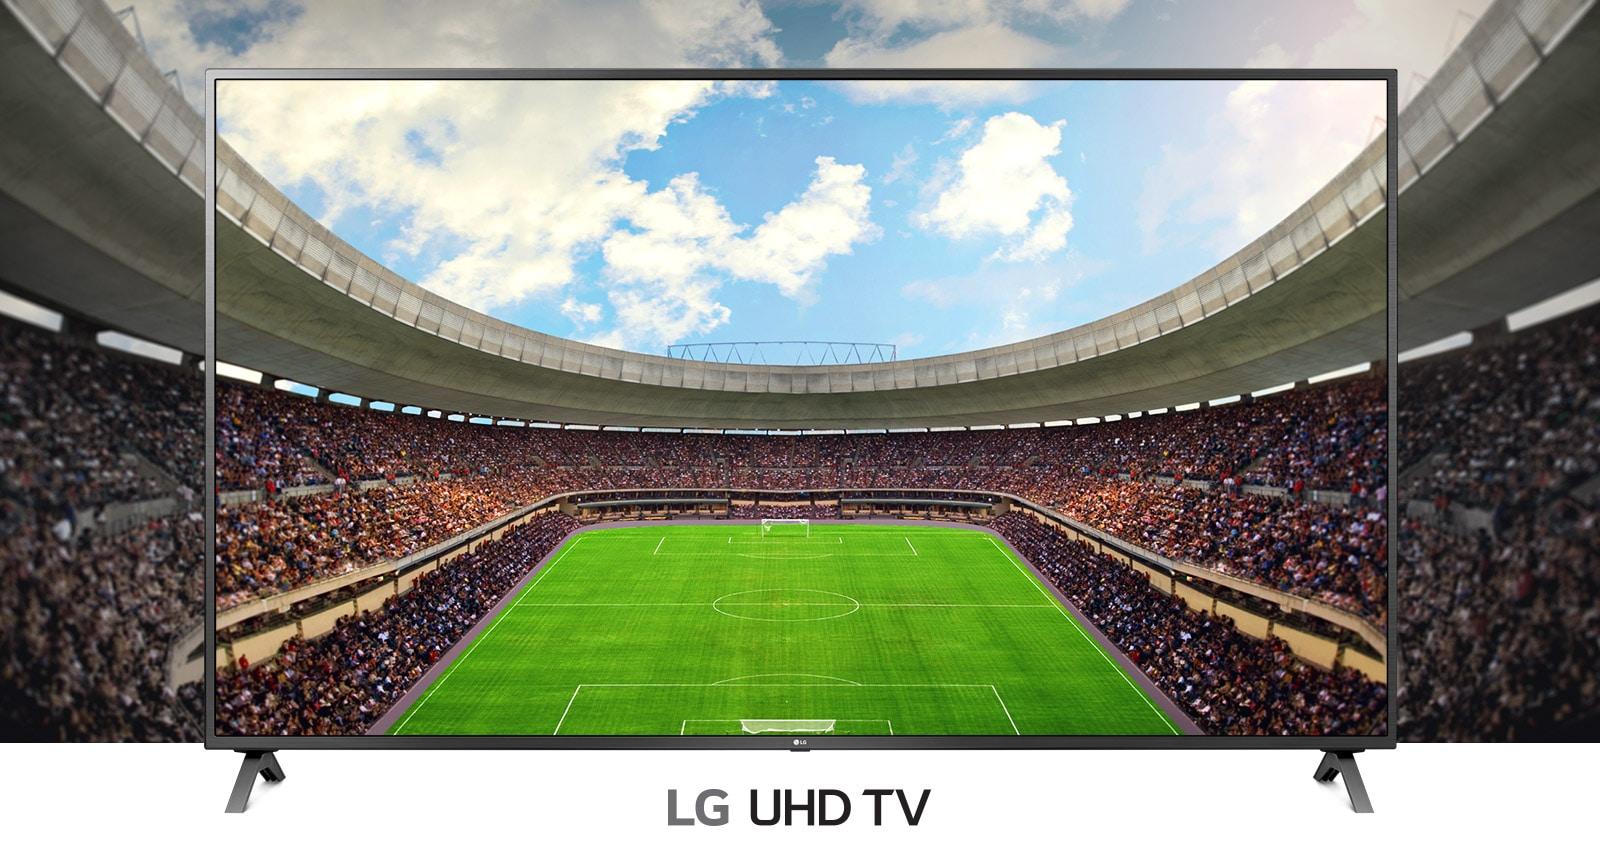 Een panoramisch uitzicht op het voetbalstadion vol met toeschouwers in een tv-frame.